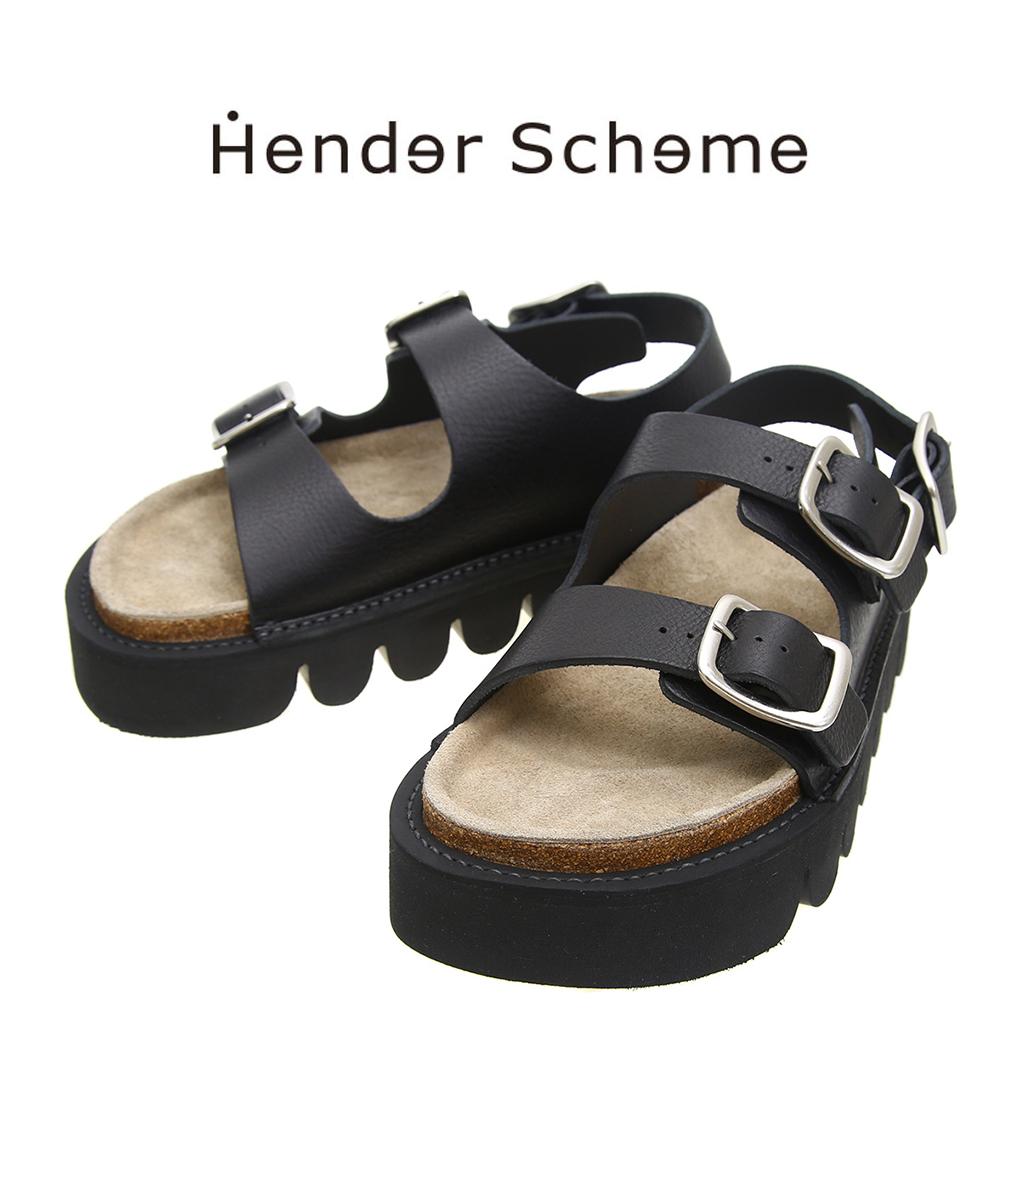 【送料無料】Hender Scheme / エンダースキーマ : Eric : エンダースキーマ エリック 靴 サンダル シューズ メンズ レディース : di-s-erc 【RIP】【ANN】【BJB】